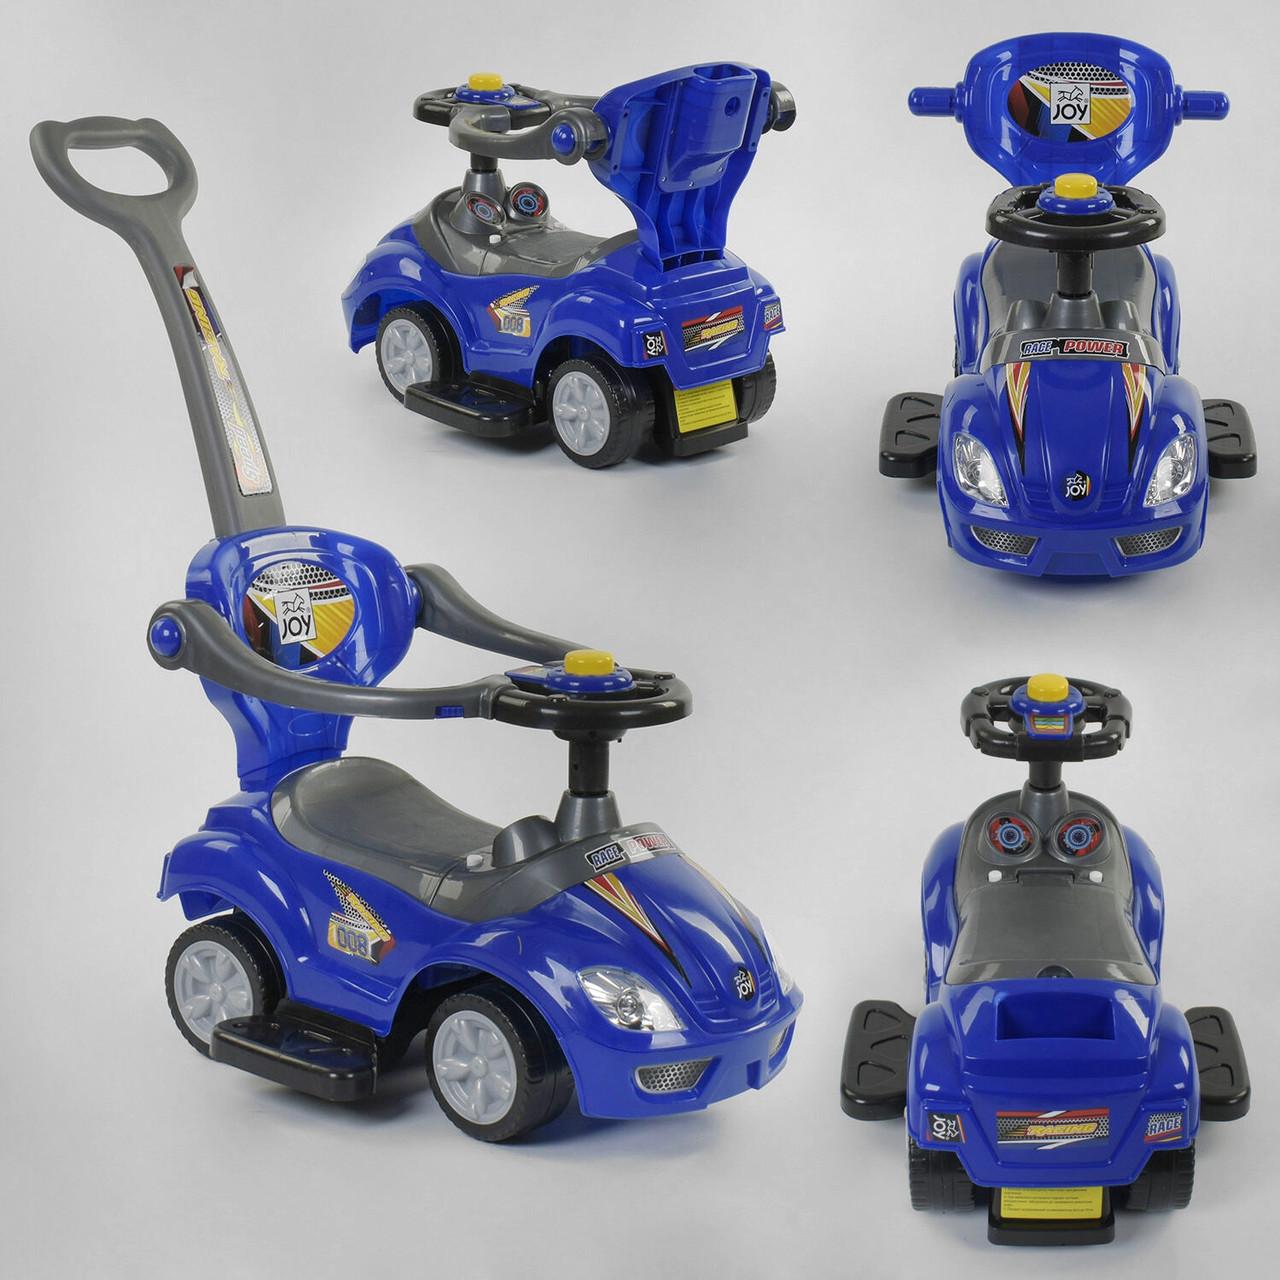 Дитяча машинка-толокар з батьківською ручкою JOY 7008 - В Синій (багажник, мелодії, знімний захисний бампер)